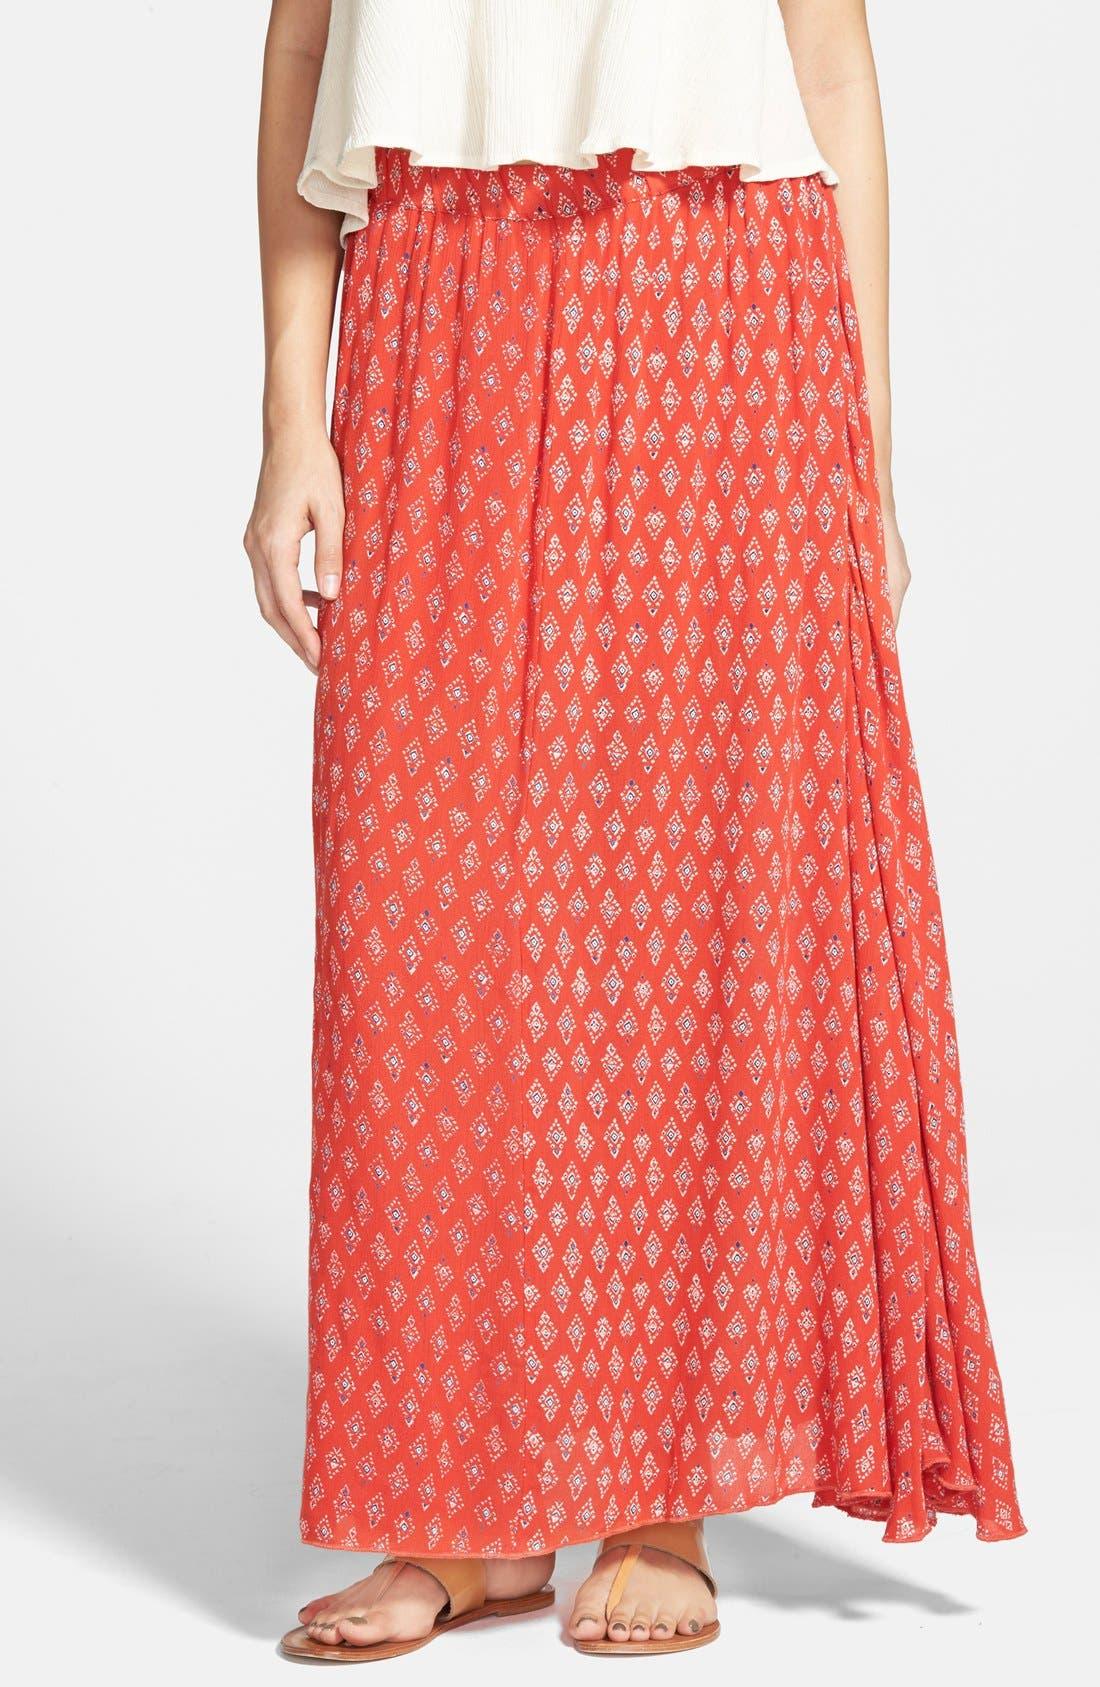 Main Image - Billabong 'Don't Think of It' Print Maxi Skirt